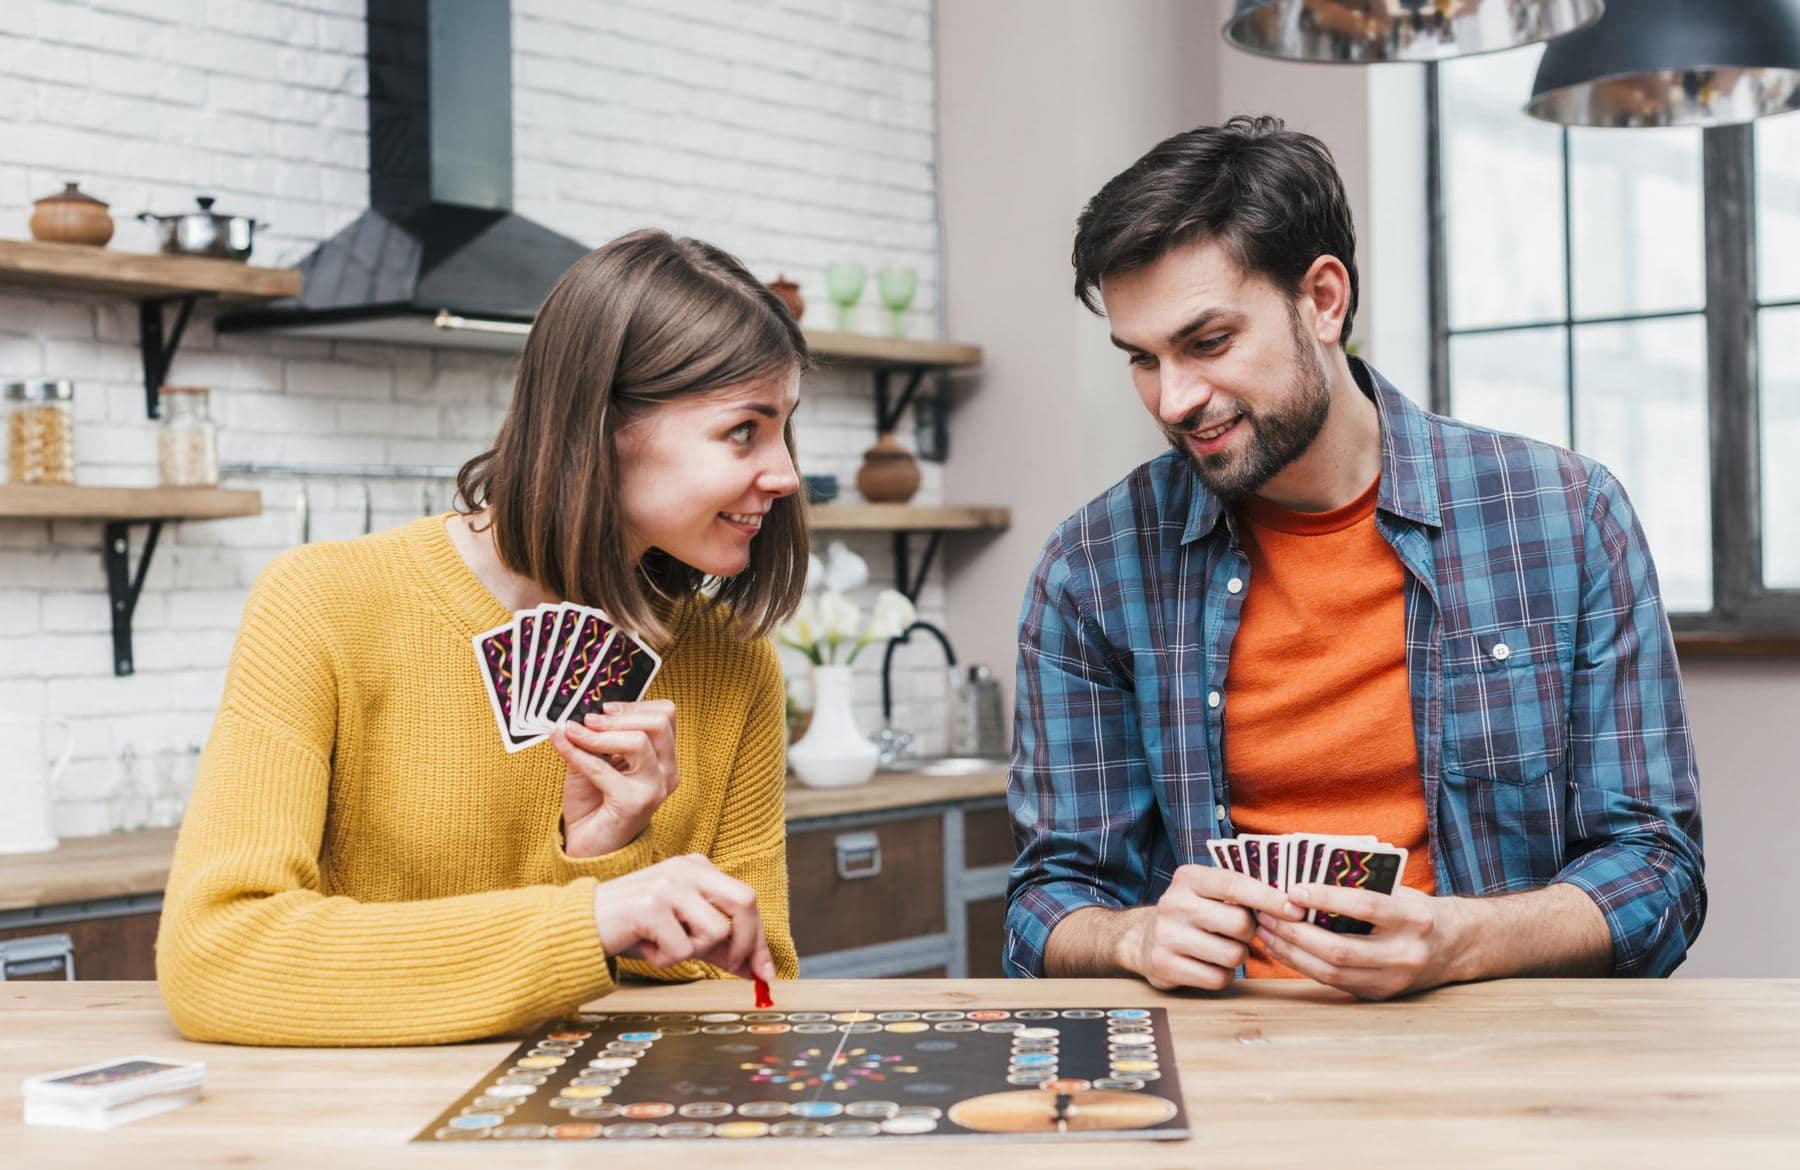 Пара играет в настольную игру